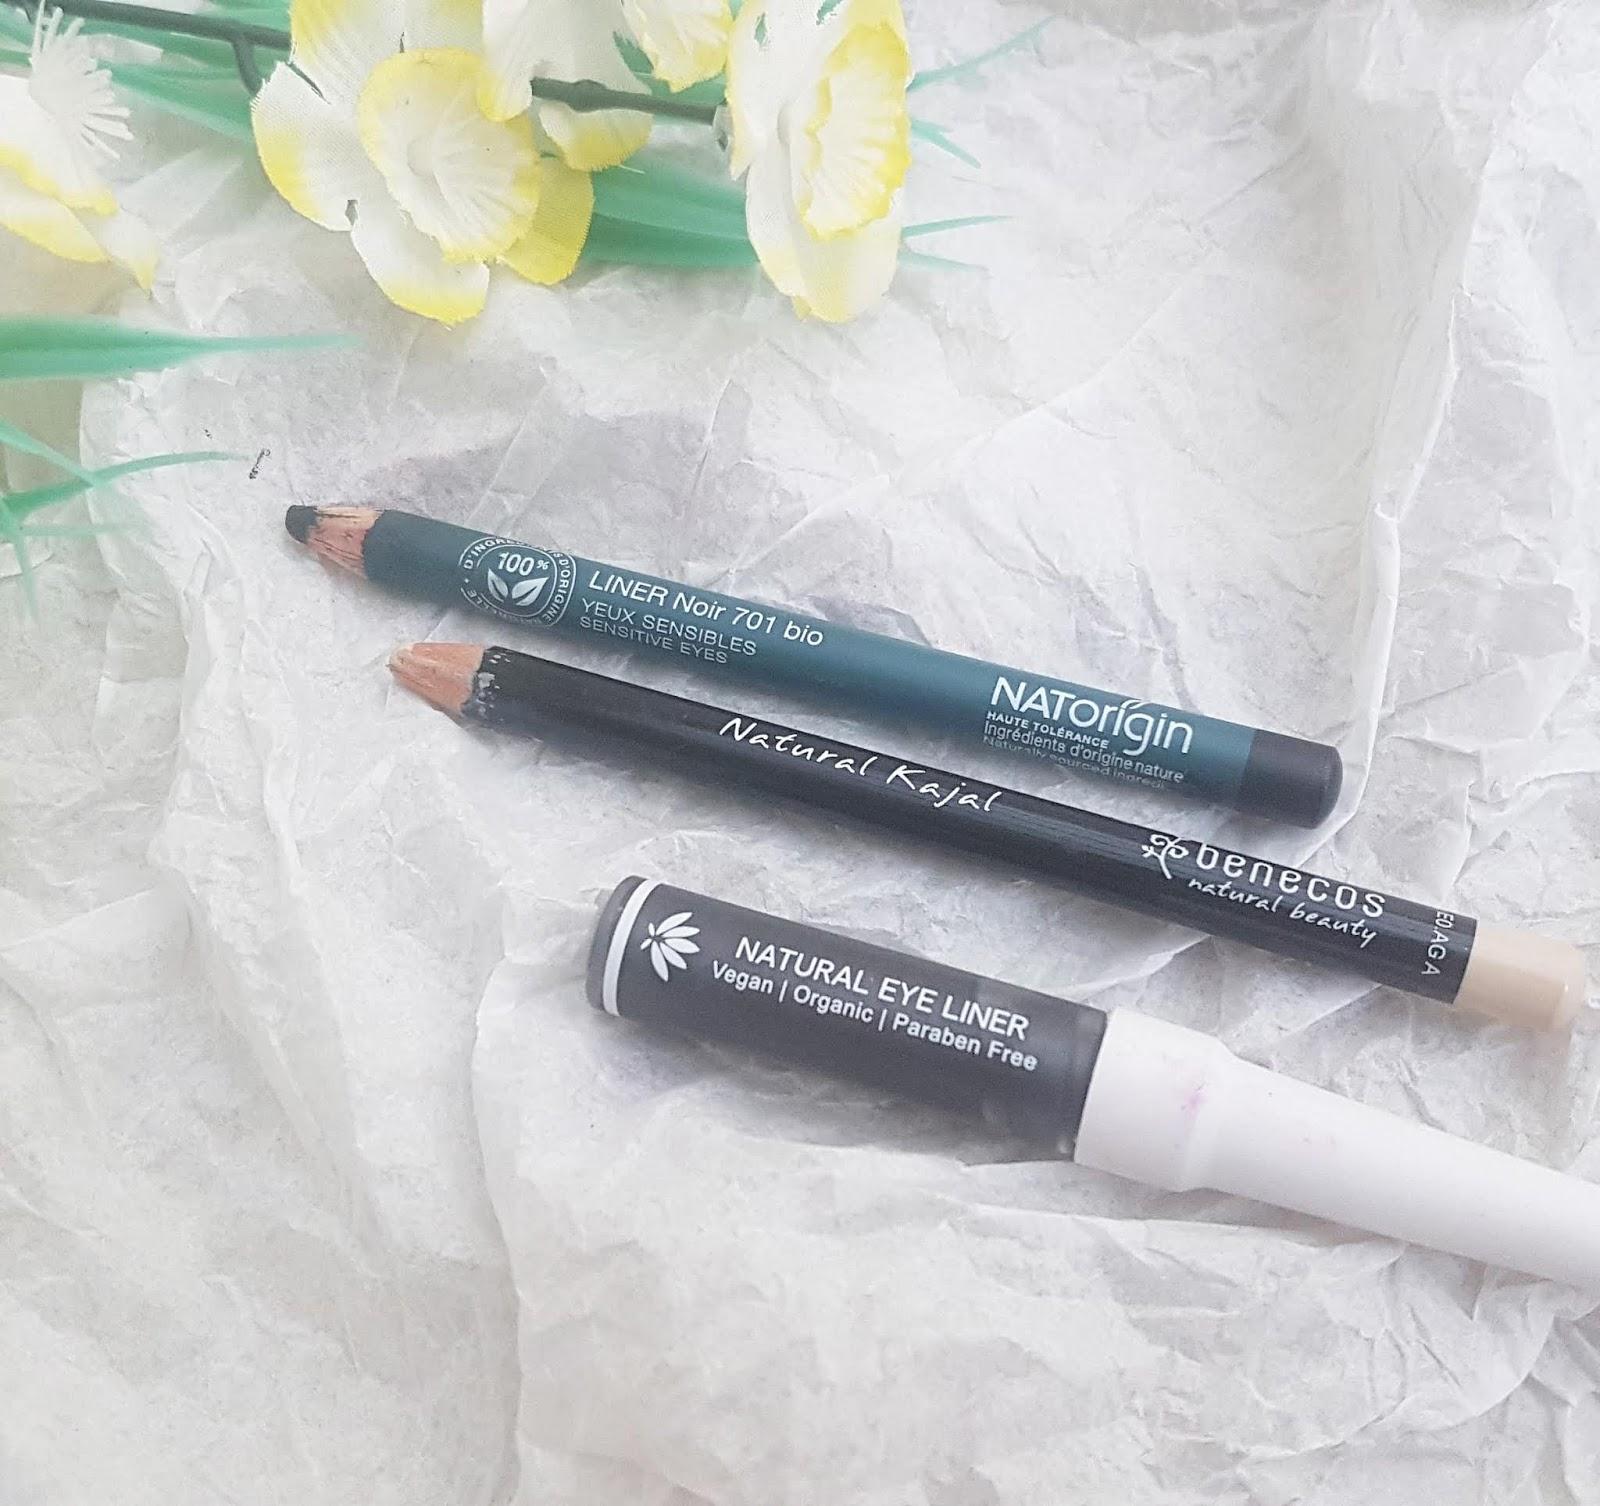 NatOrigin eyeliner, Benecos Kajal, PHB liquid eyeliner - Best Makeup of 2019